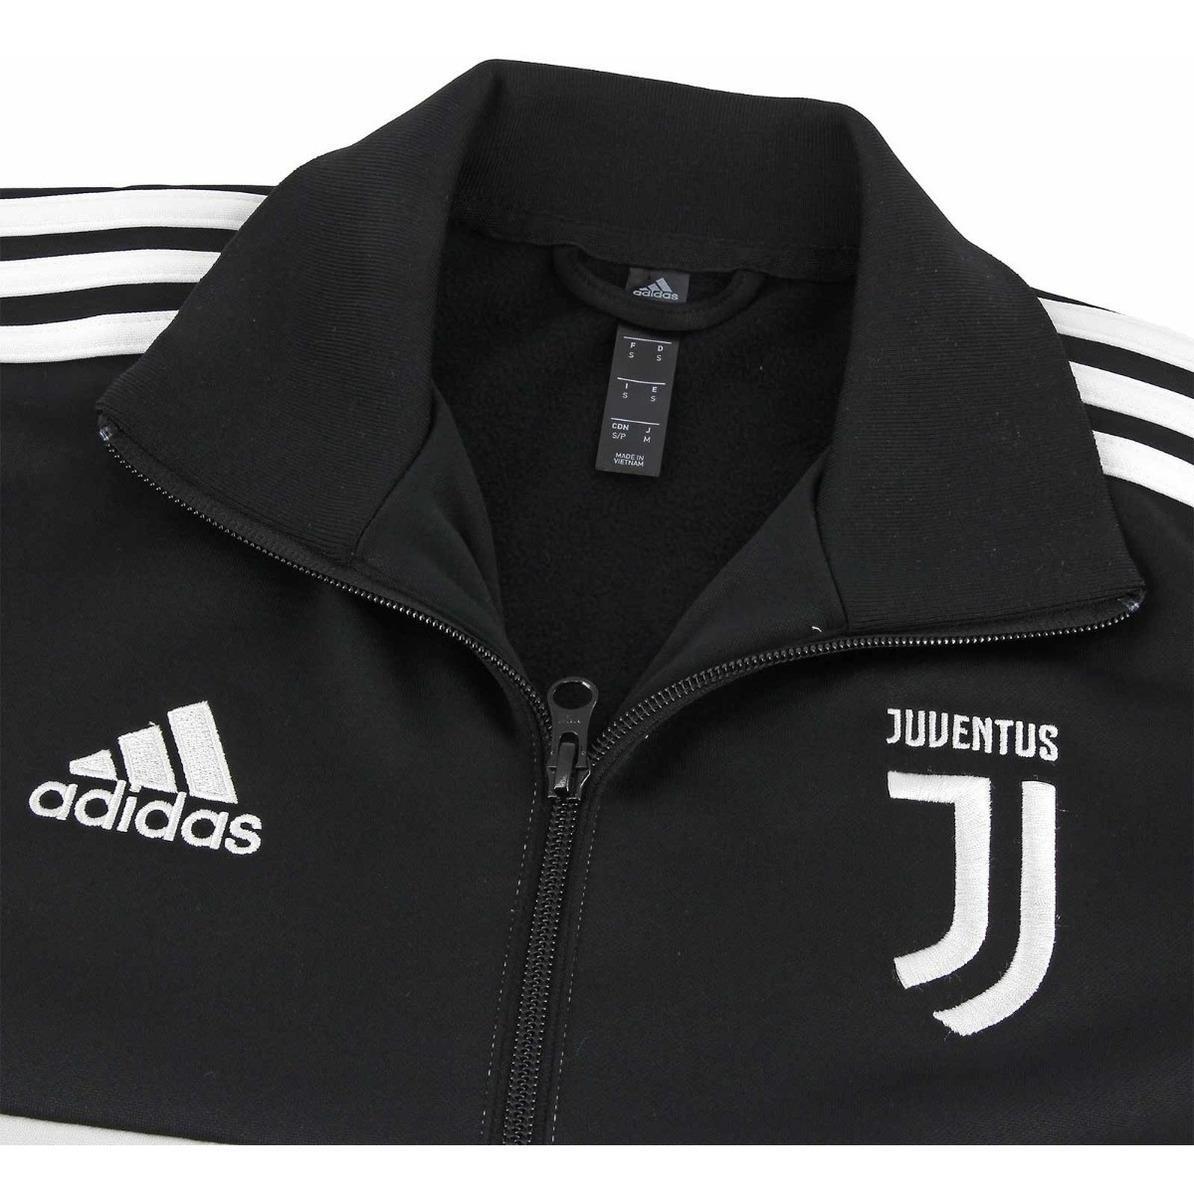 Imperio Discurso calibre  Chaqueta adidas Juventus 100% Original 3 Rayas Presentacion - $ 120.000 en  Mercado Libre